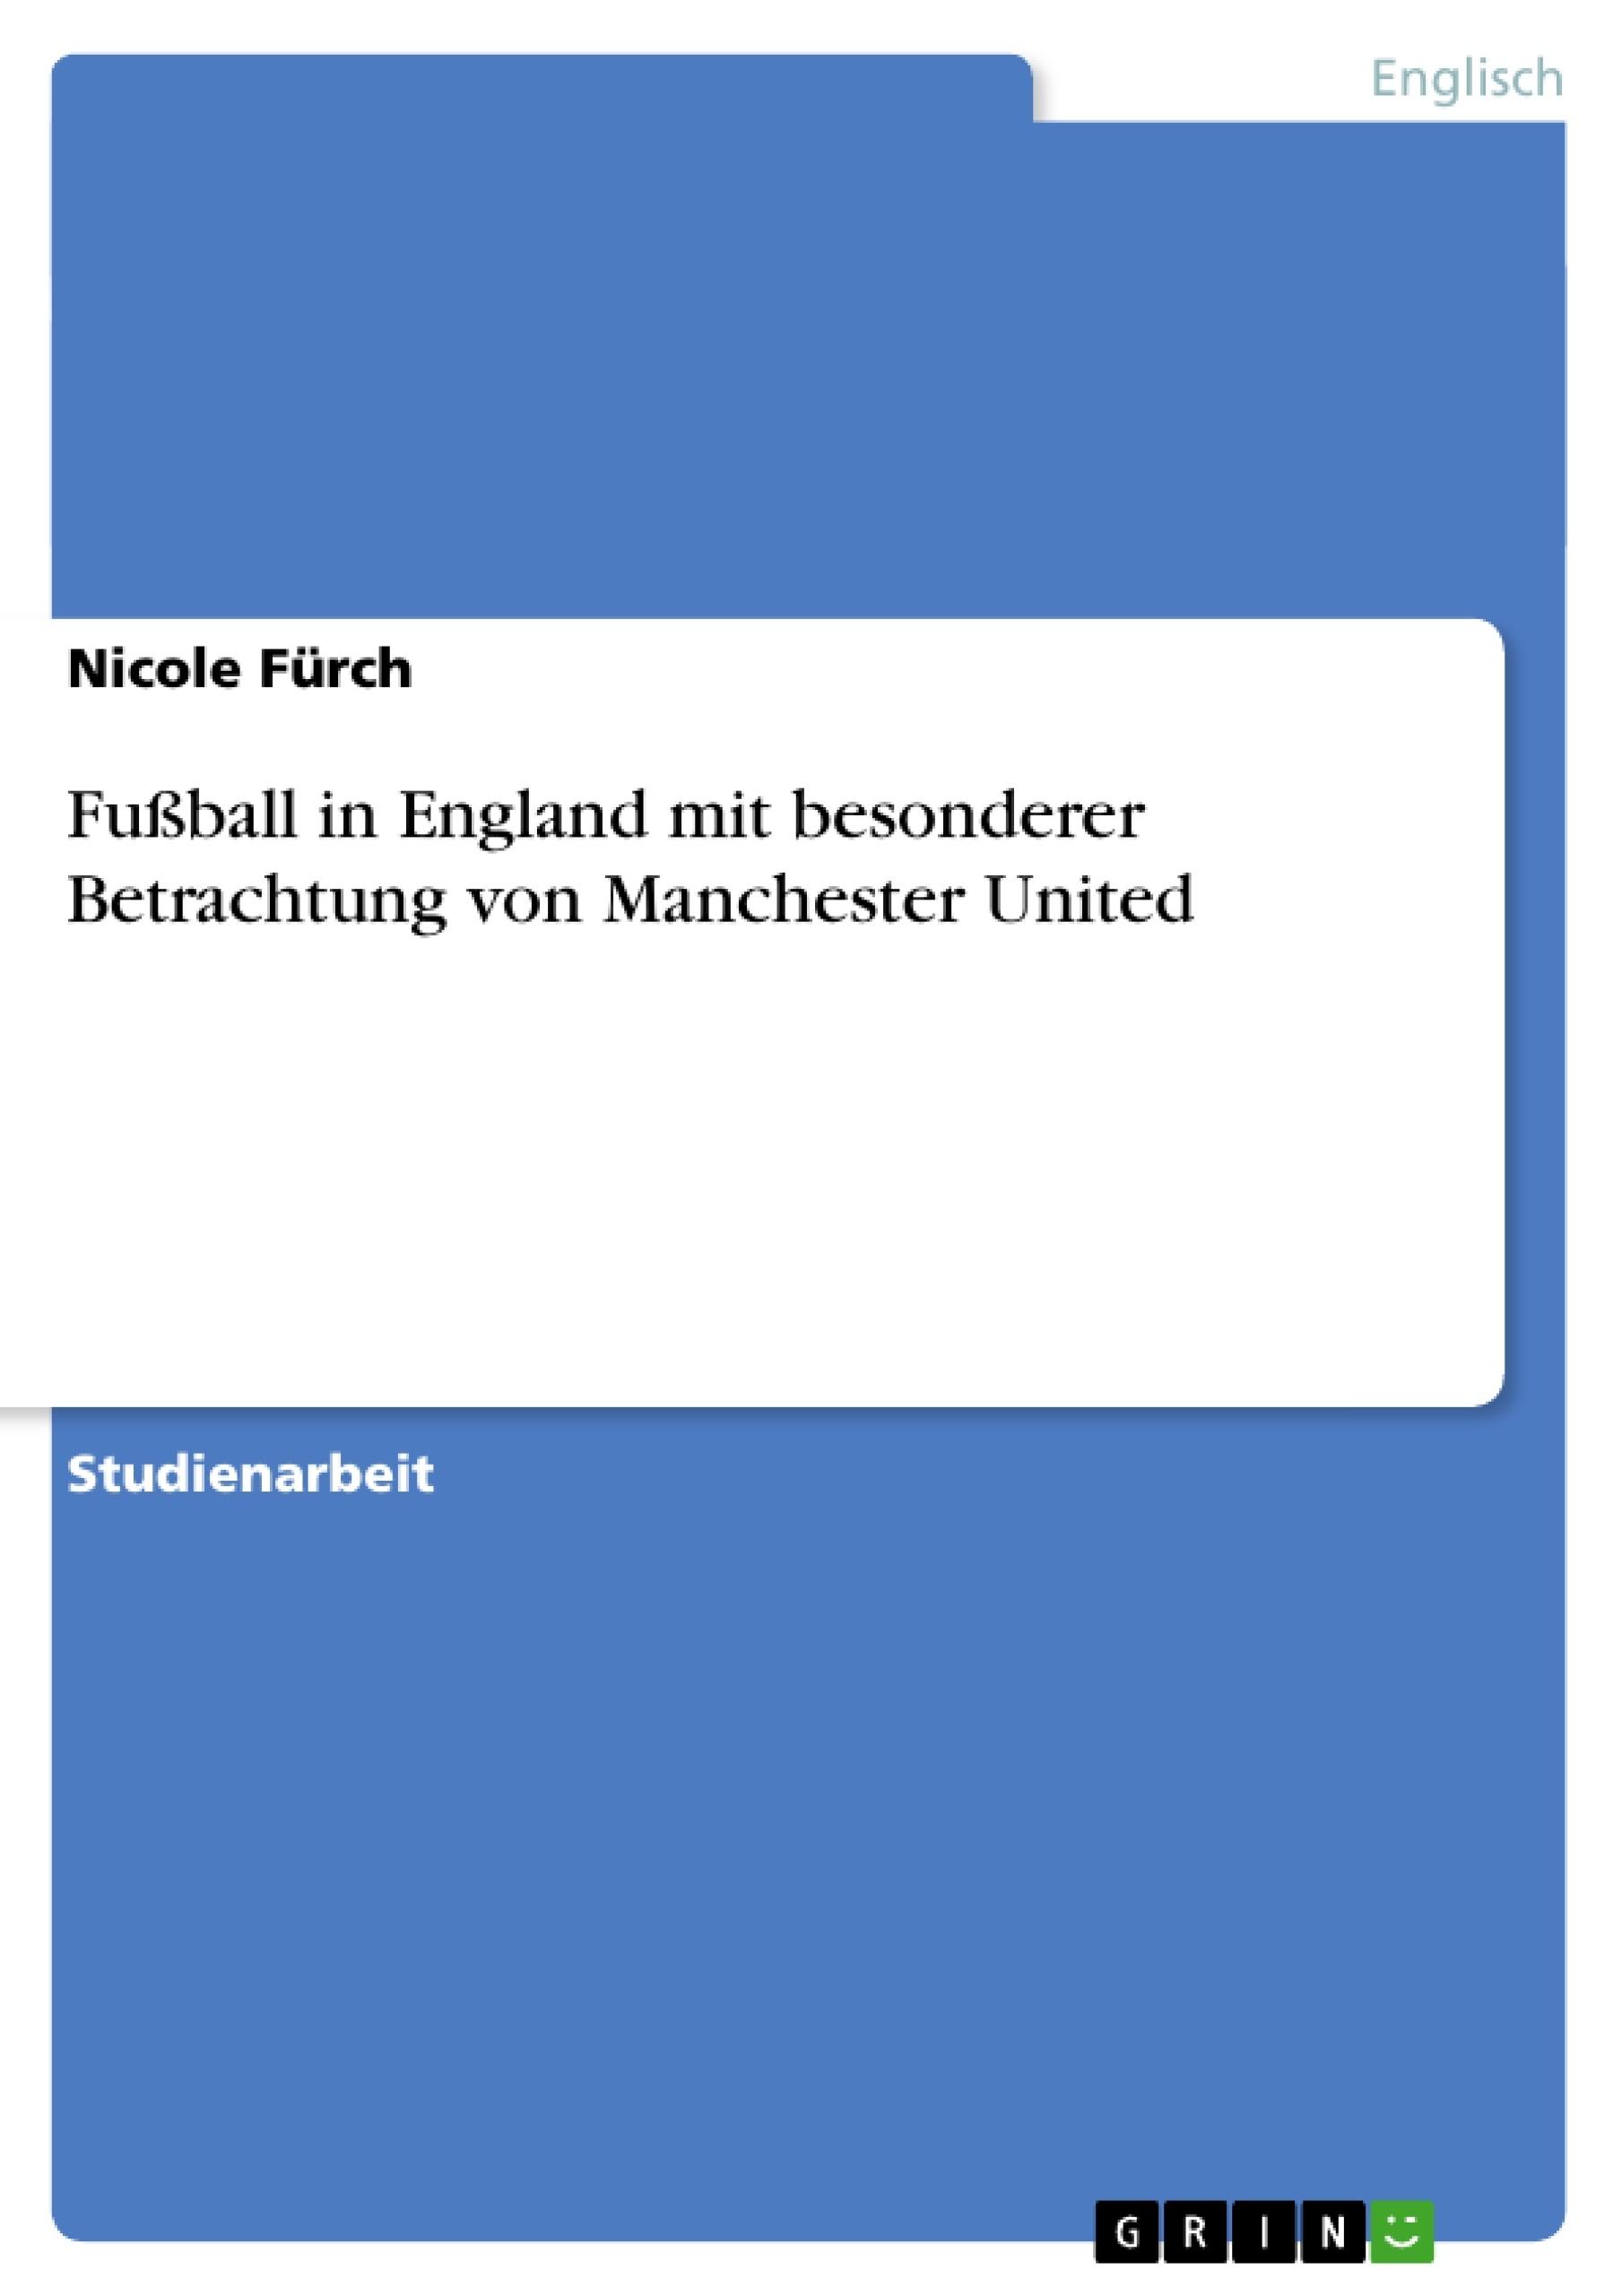 Titel: Fußball in England mit besonderer Betrachtung von Manchester United